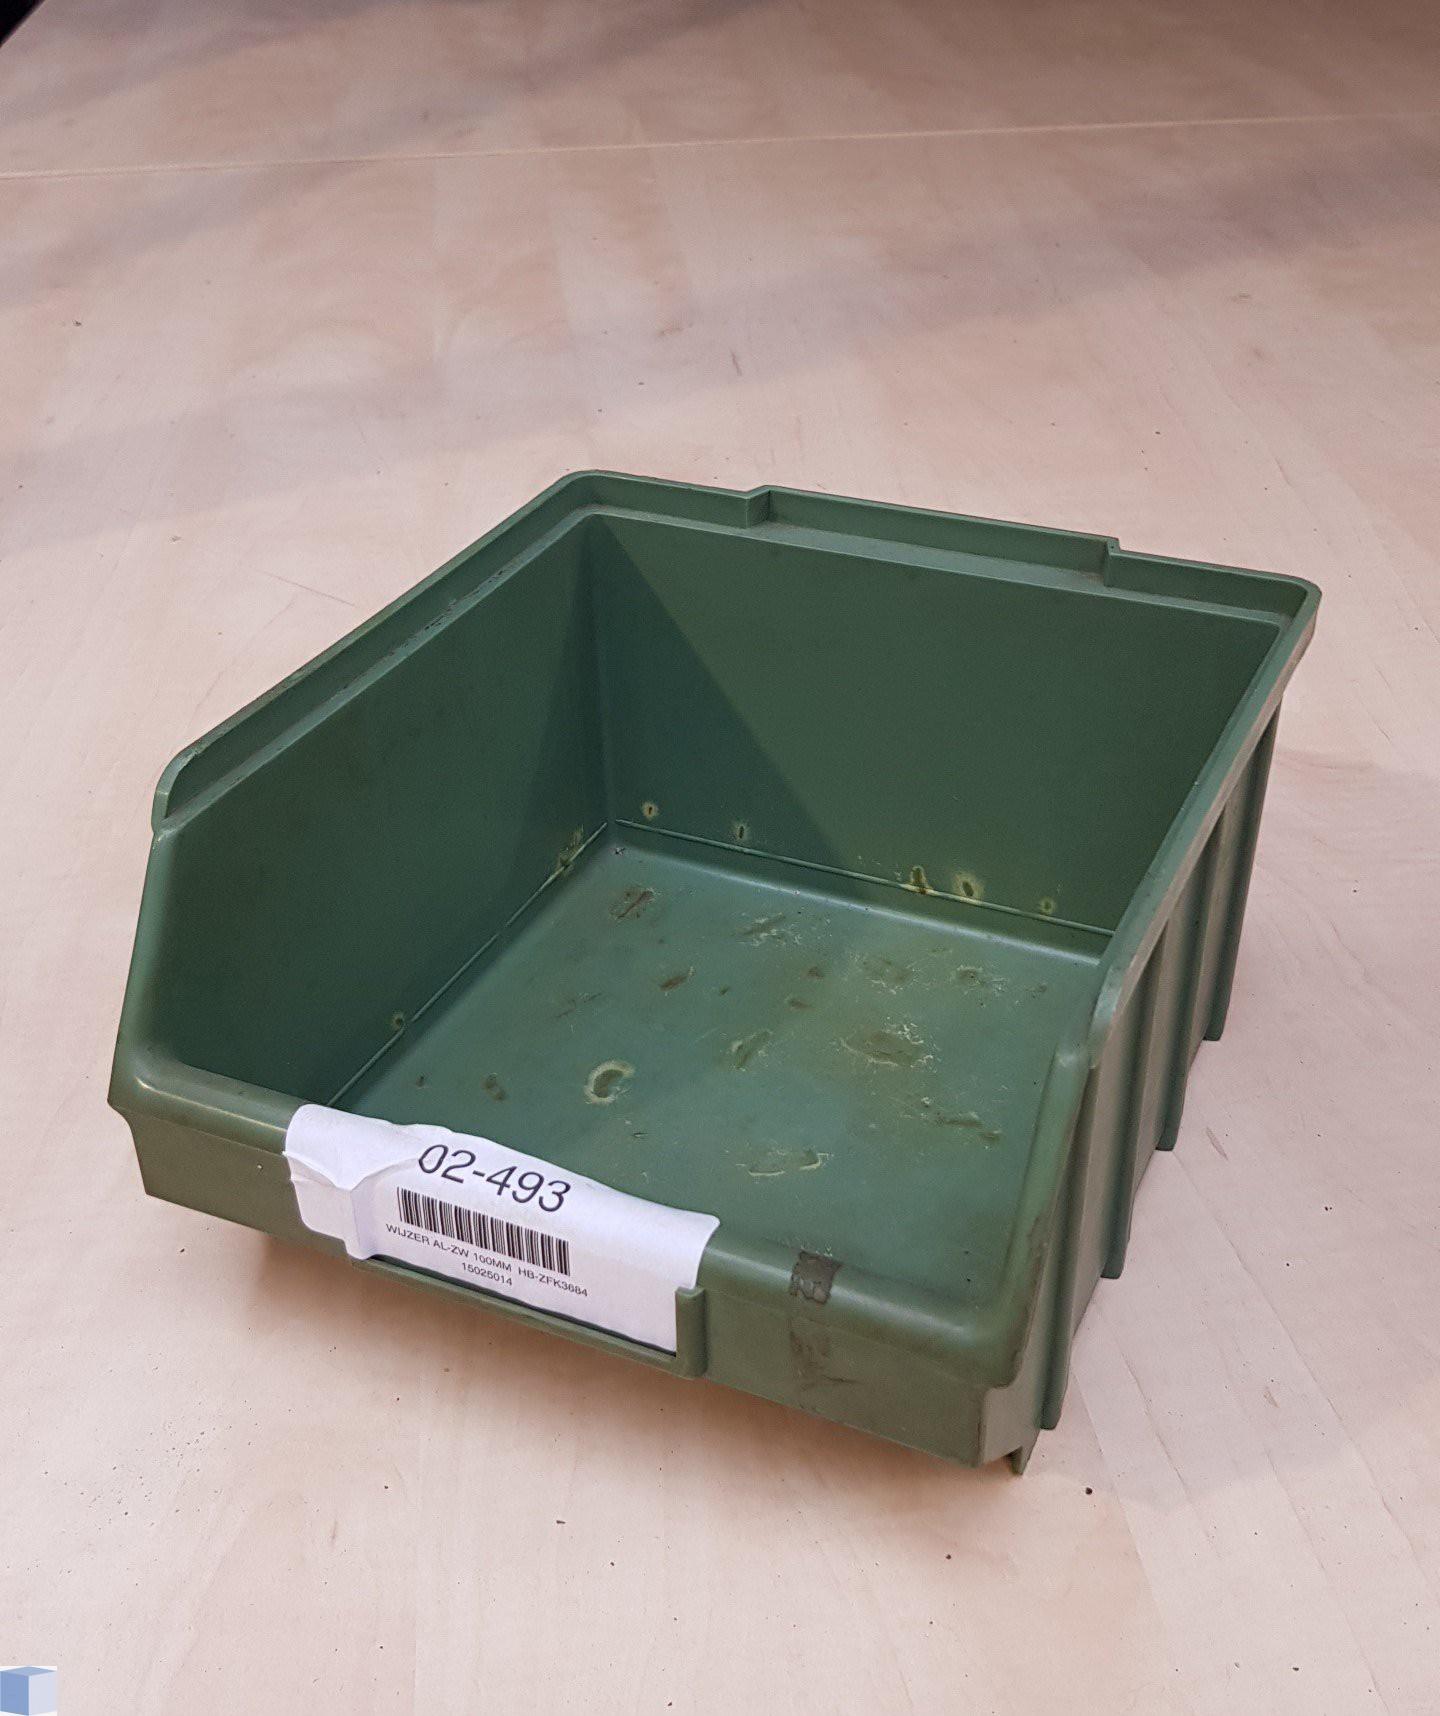 Kunststof stapelbak 230x217x130mm. groen, stapelbaar